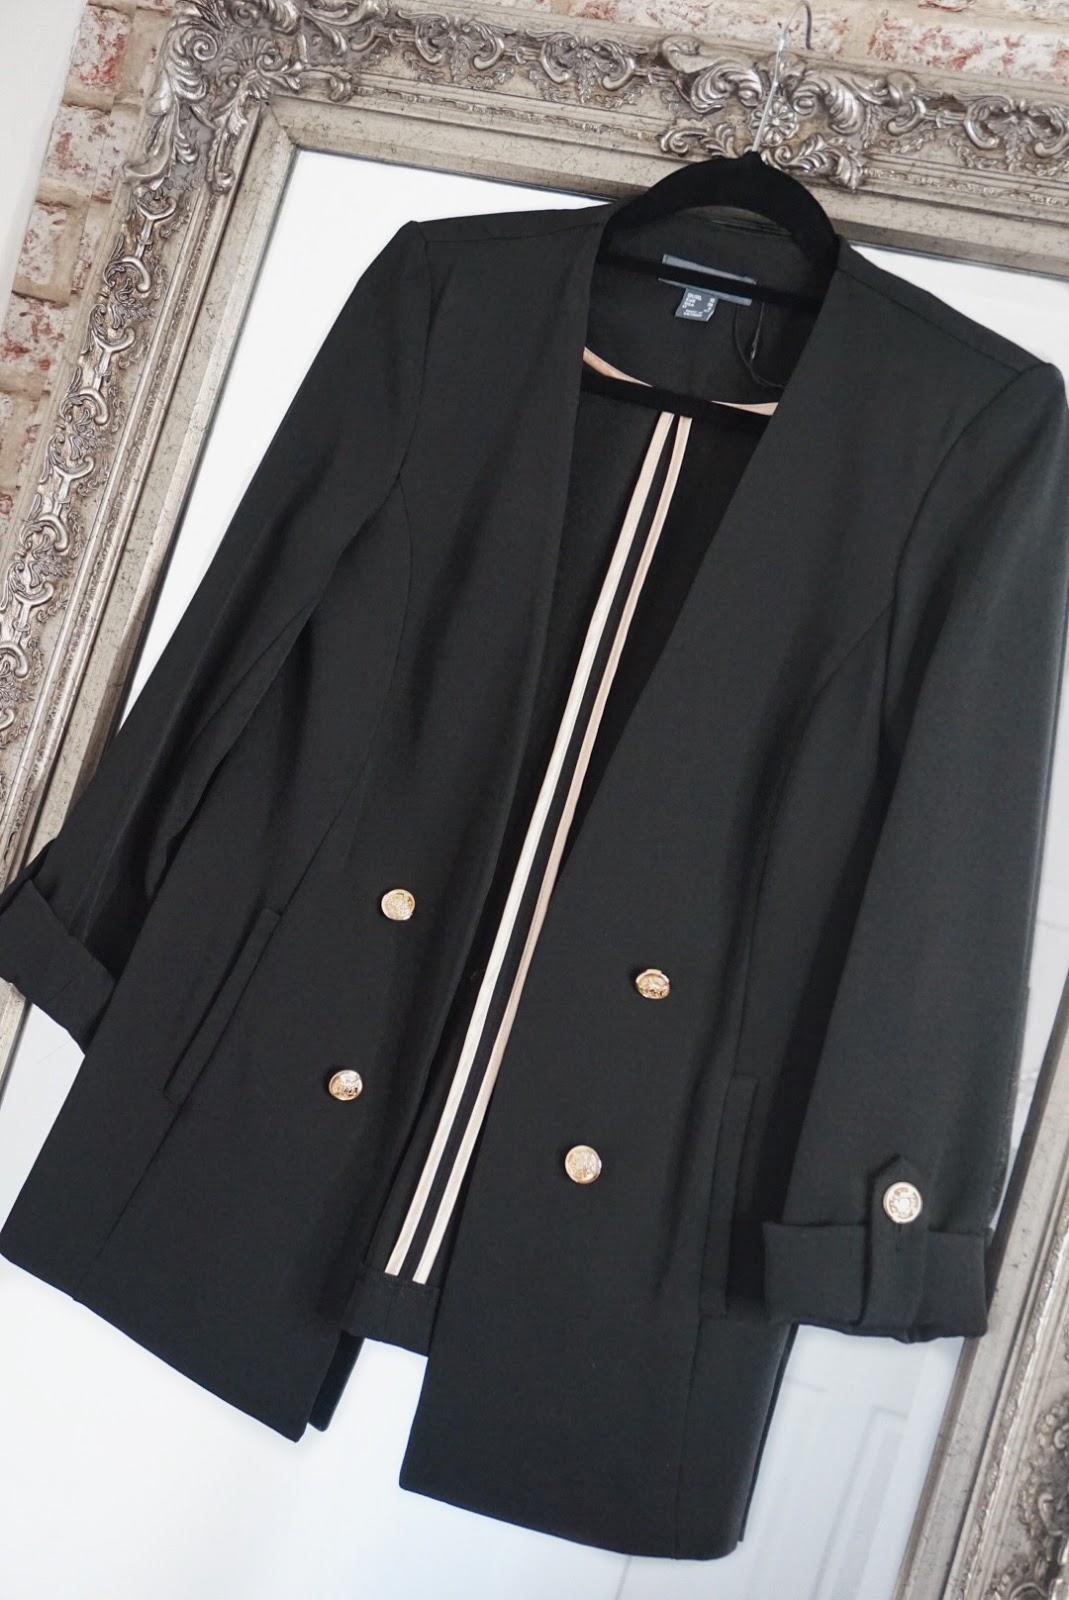 Primark gold buttoned blazer